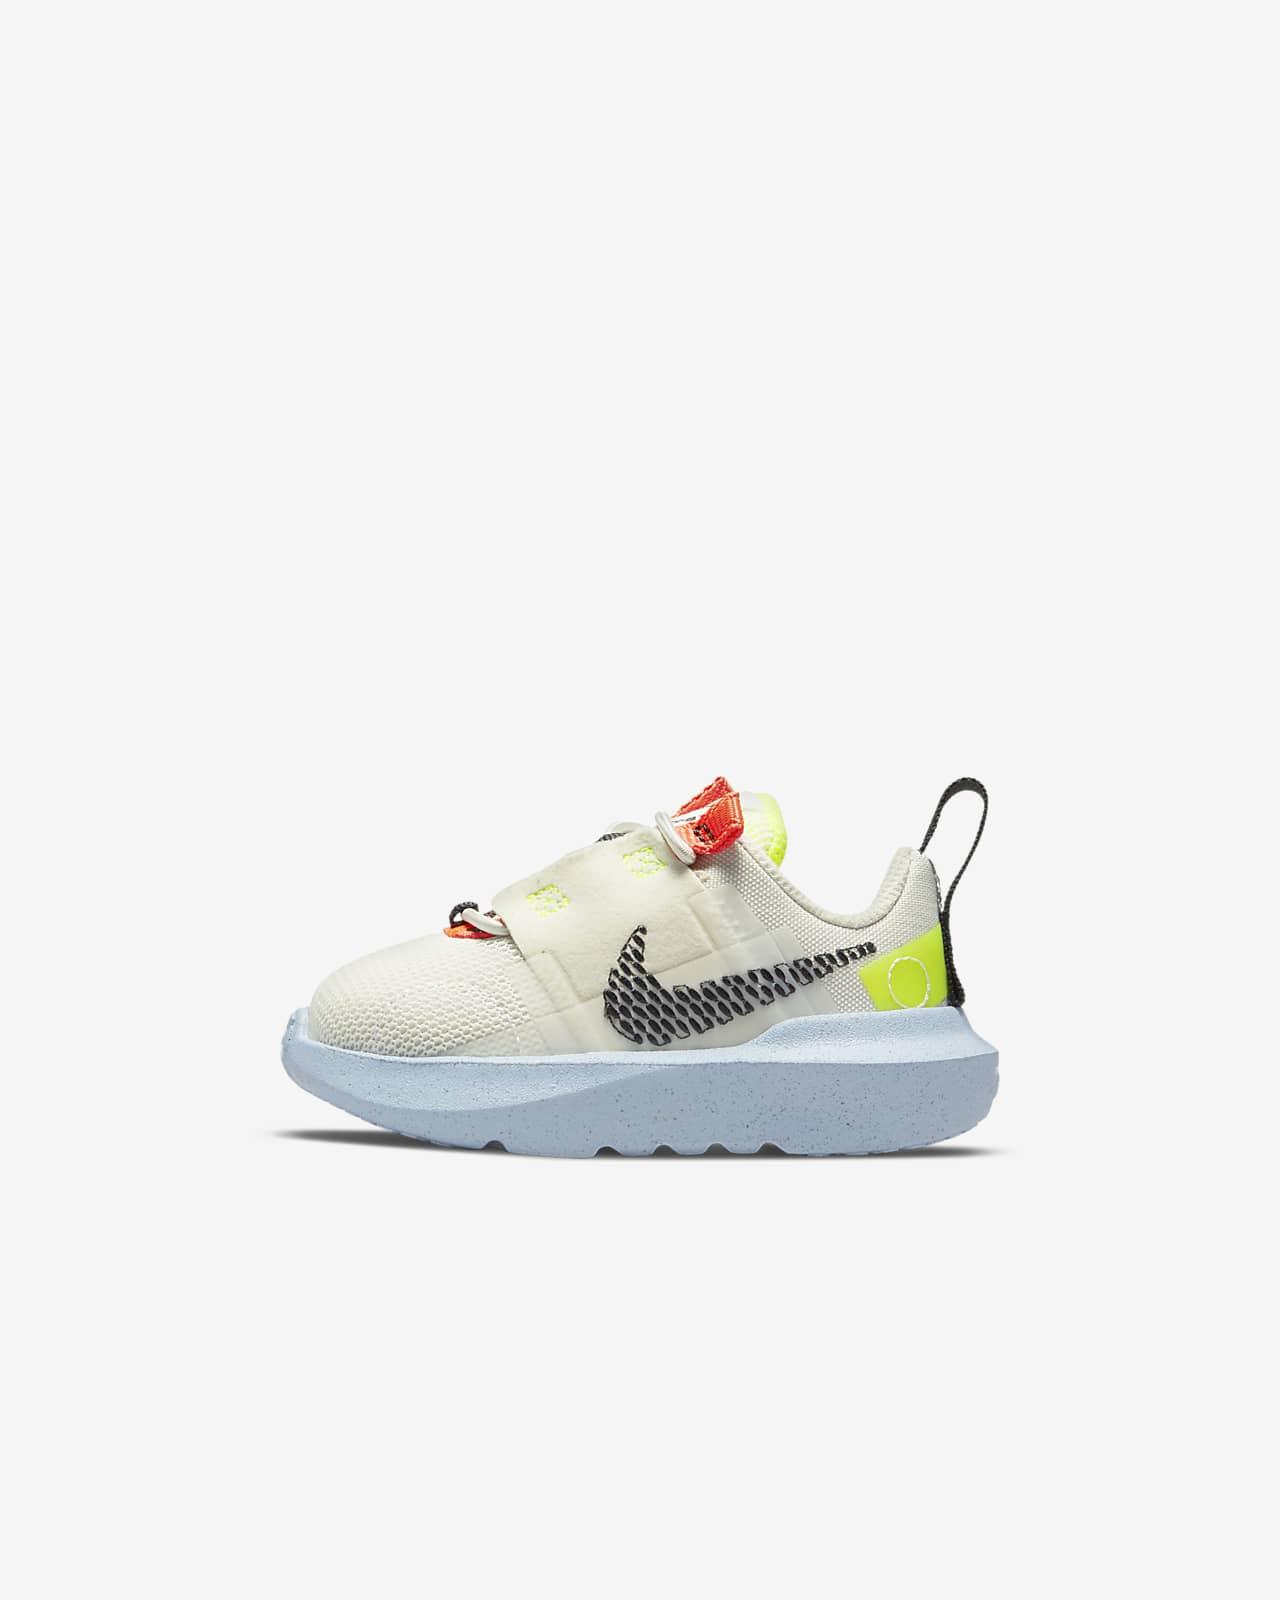 Nike Crater Impact Schuh für Babys und Kleinkinder